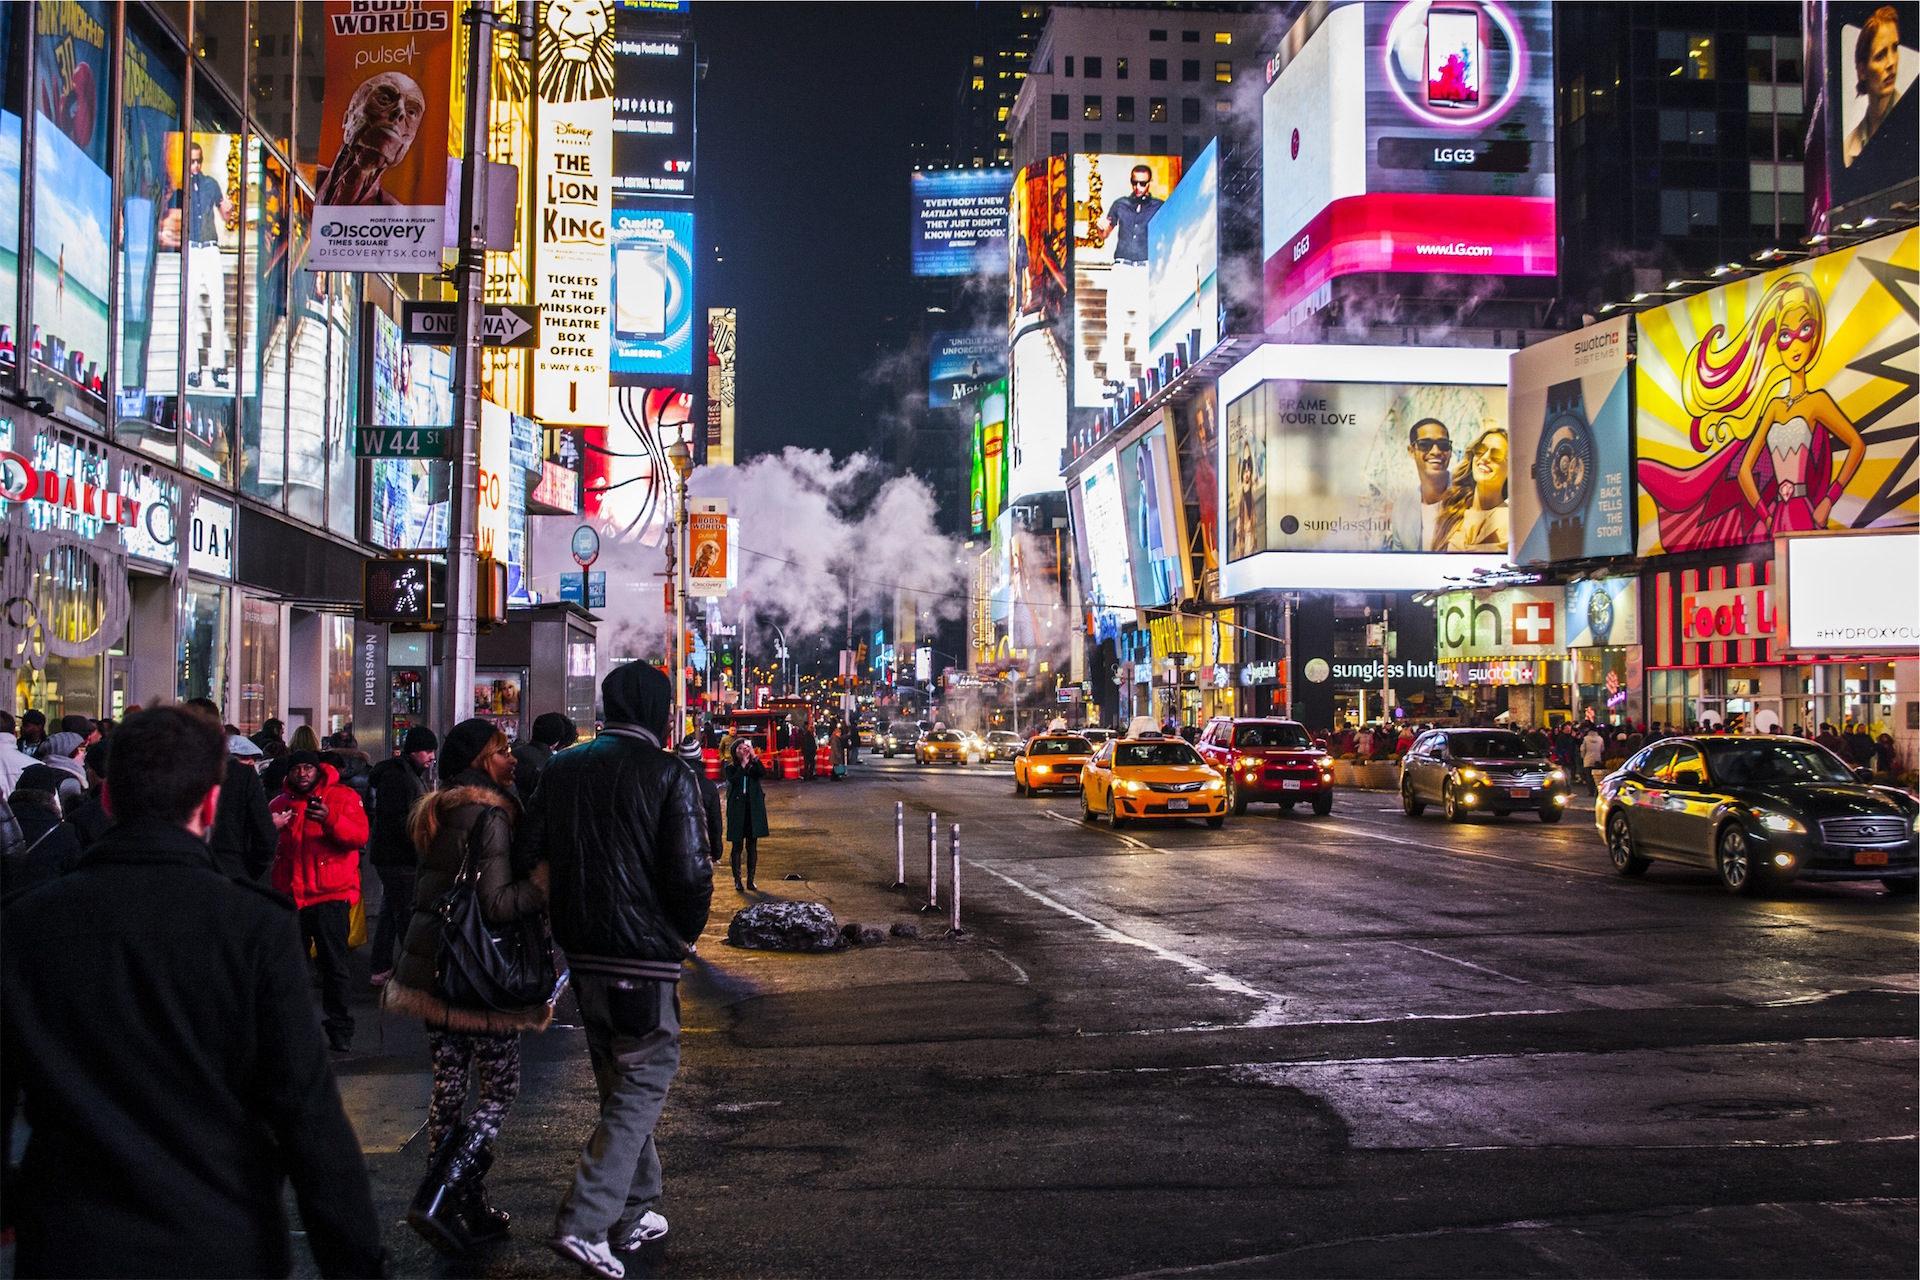 à noite, tráfego, edifícios, luzes, anúncios - Papéis de parede HD - Professor-falken.com